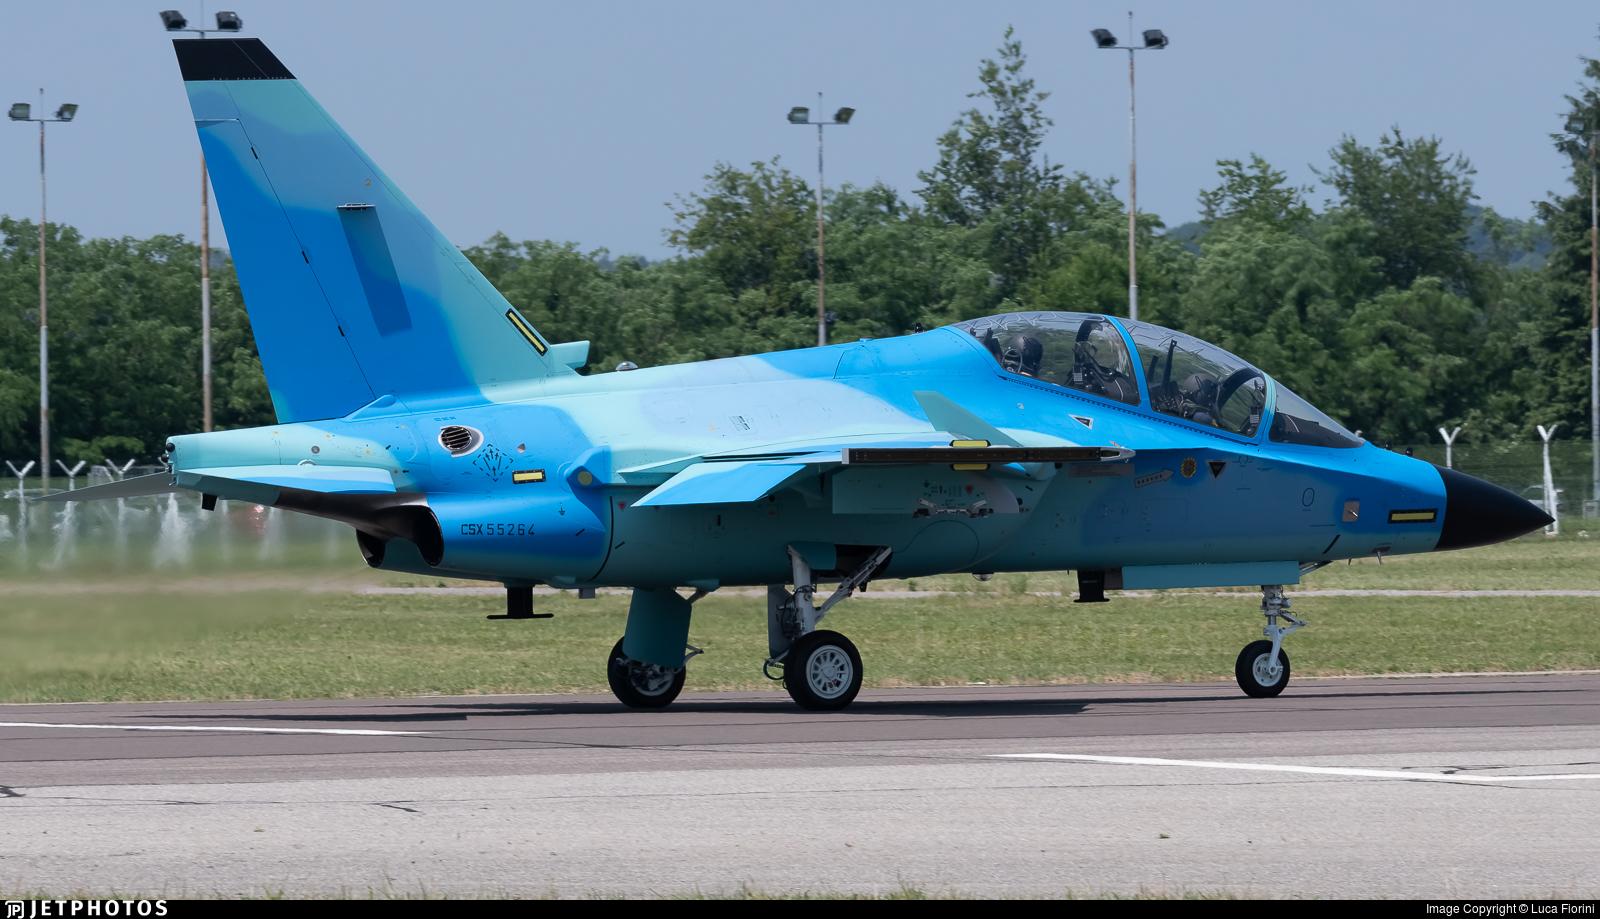 CSX55264 - Alenia Aermacchi M-346 LFFA - Alenia Aeronautica